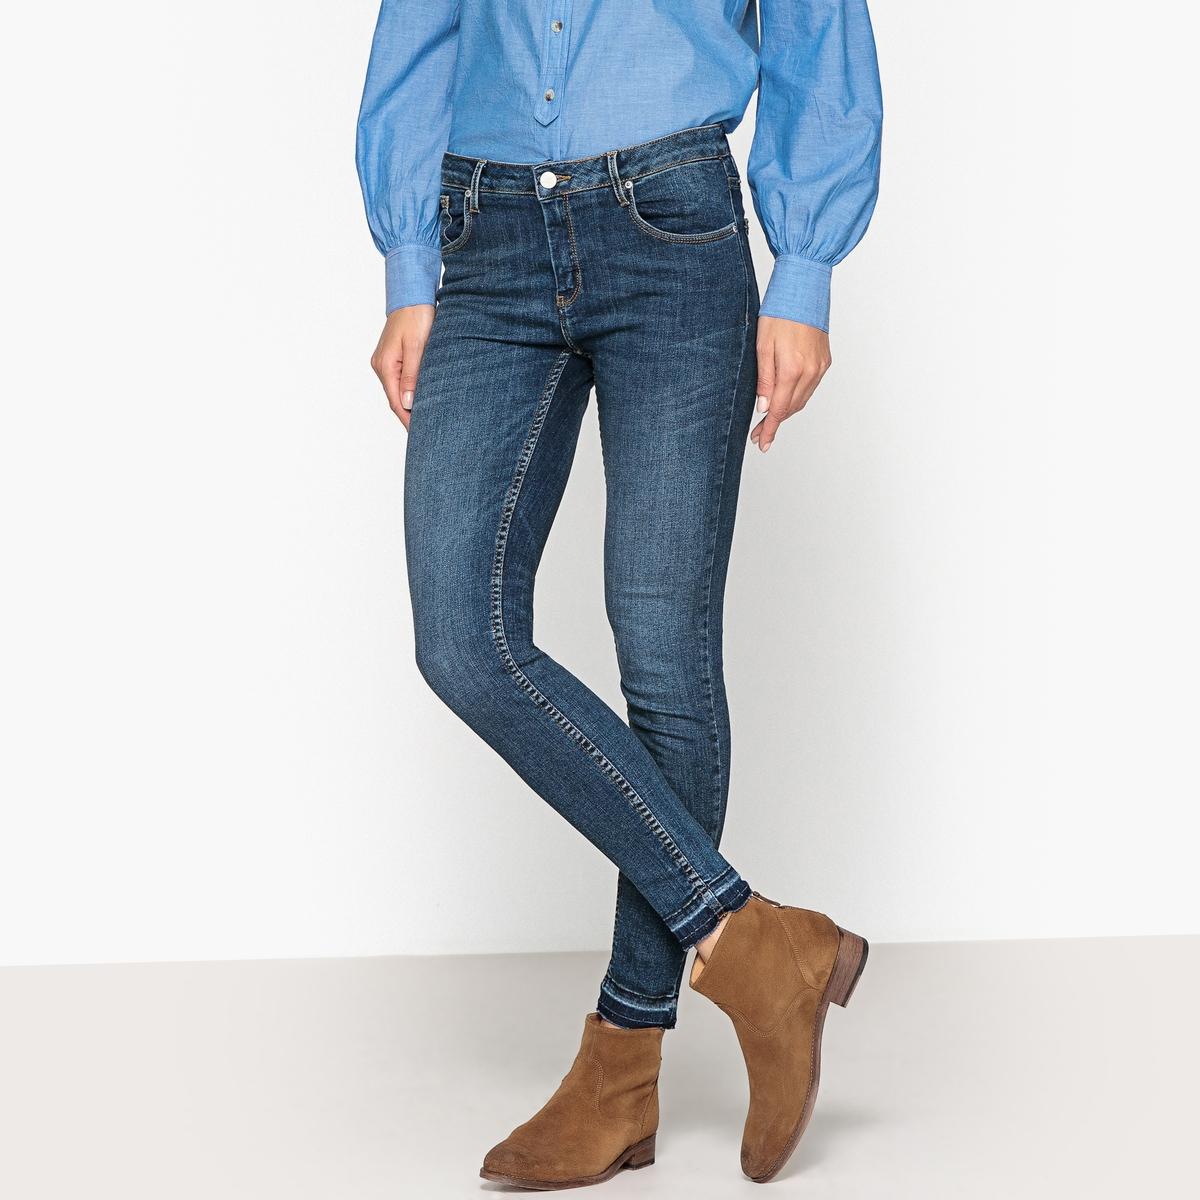 Джинсы скинни LILY джинсы скинни длина 32